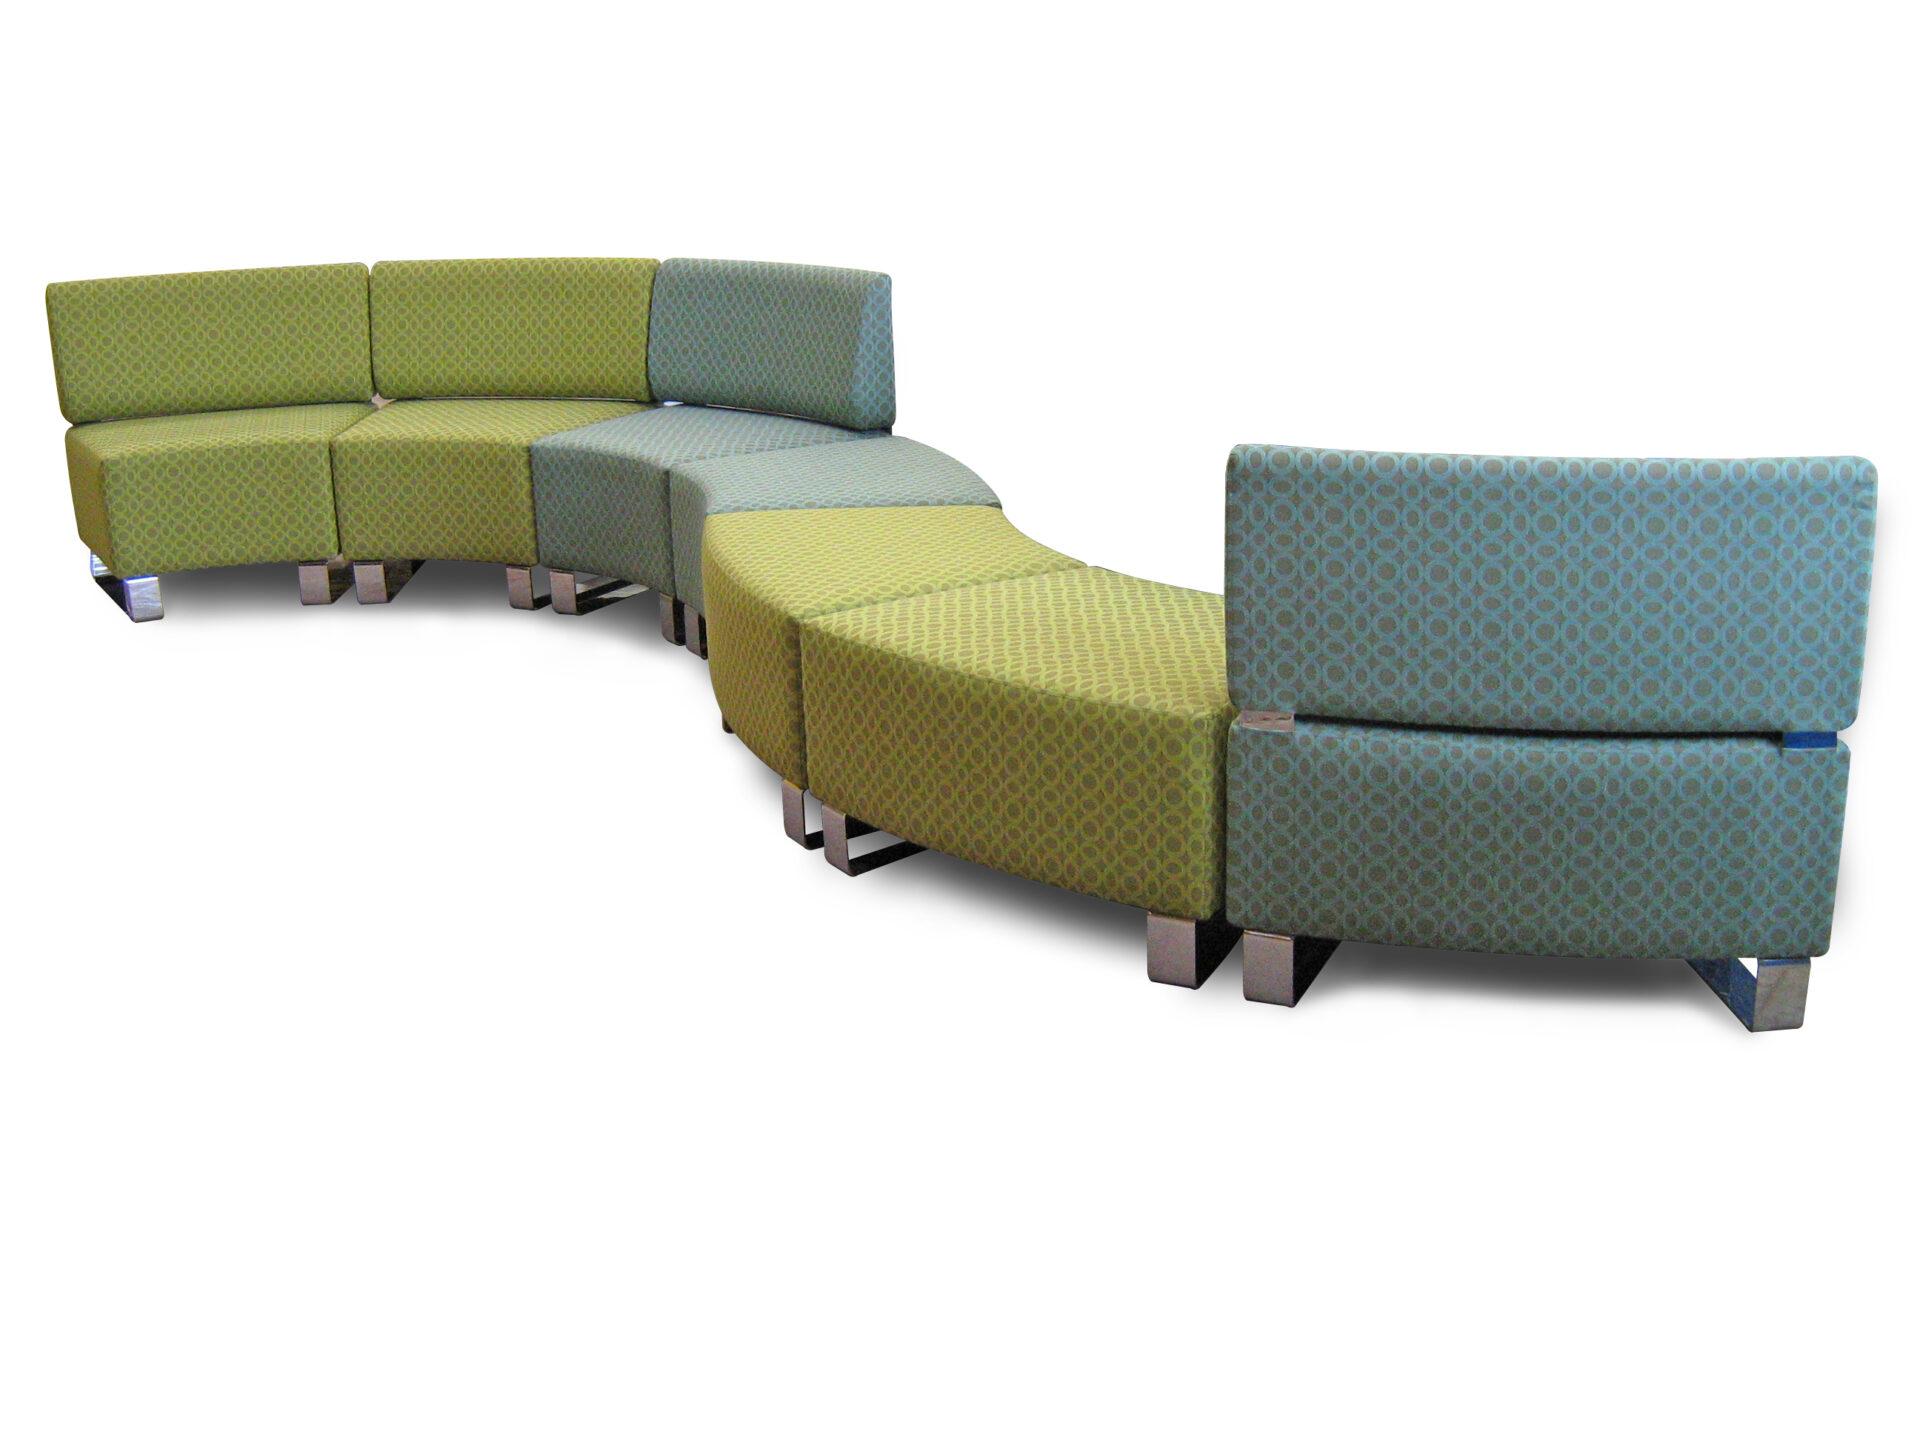 Segments Modular Seating